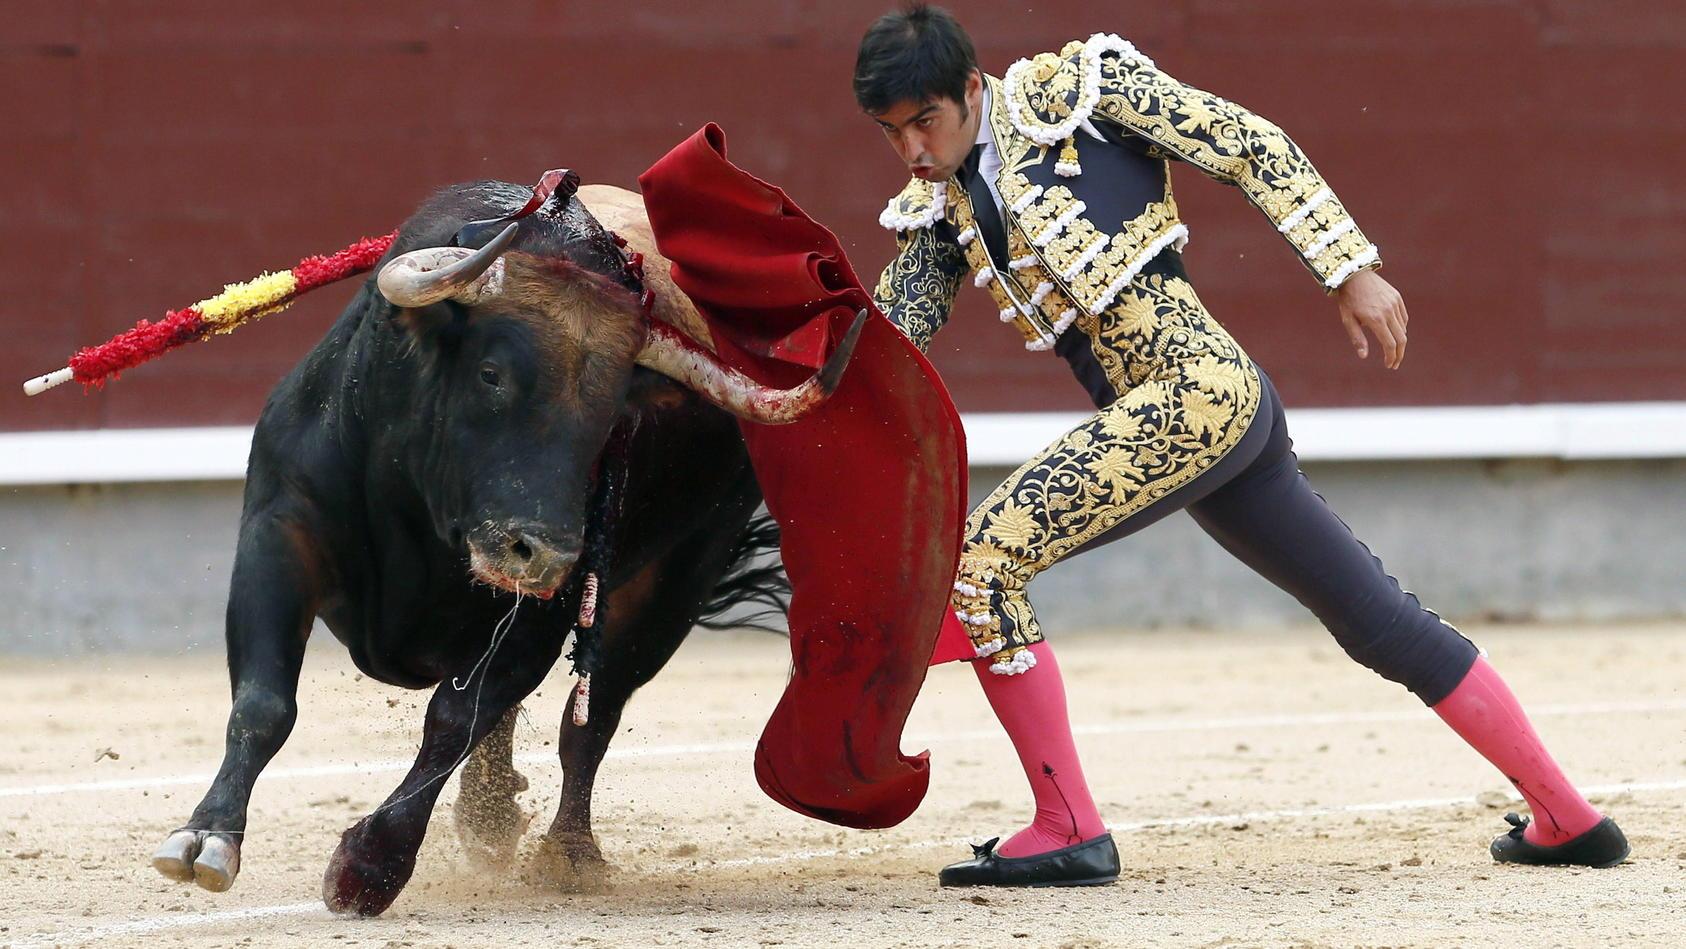 Tierschützer hoffen, dass die Corona-Krise das Ende des Stierkampfs in Spanien beschleunigt